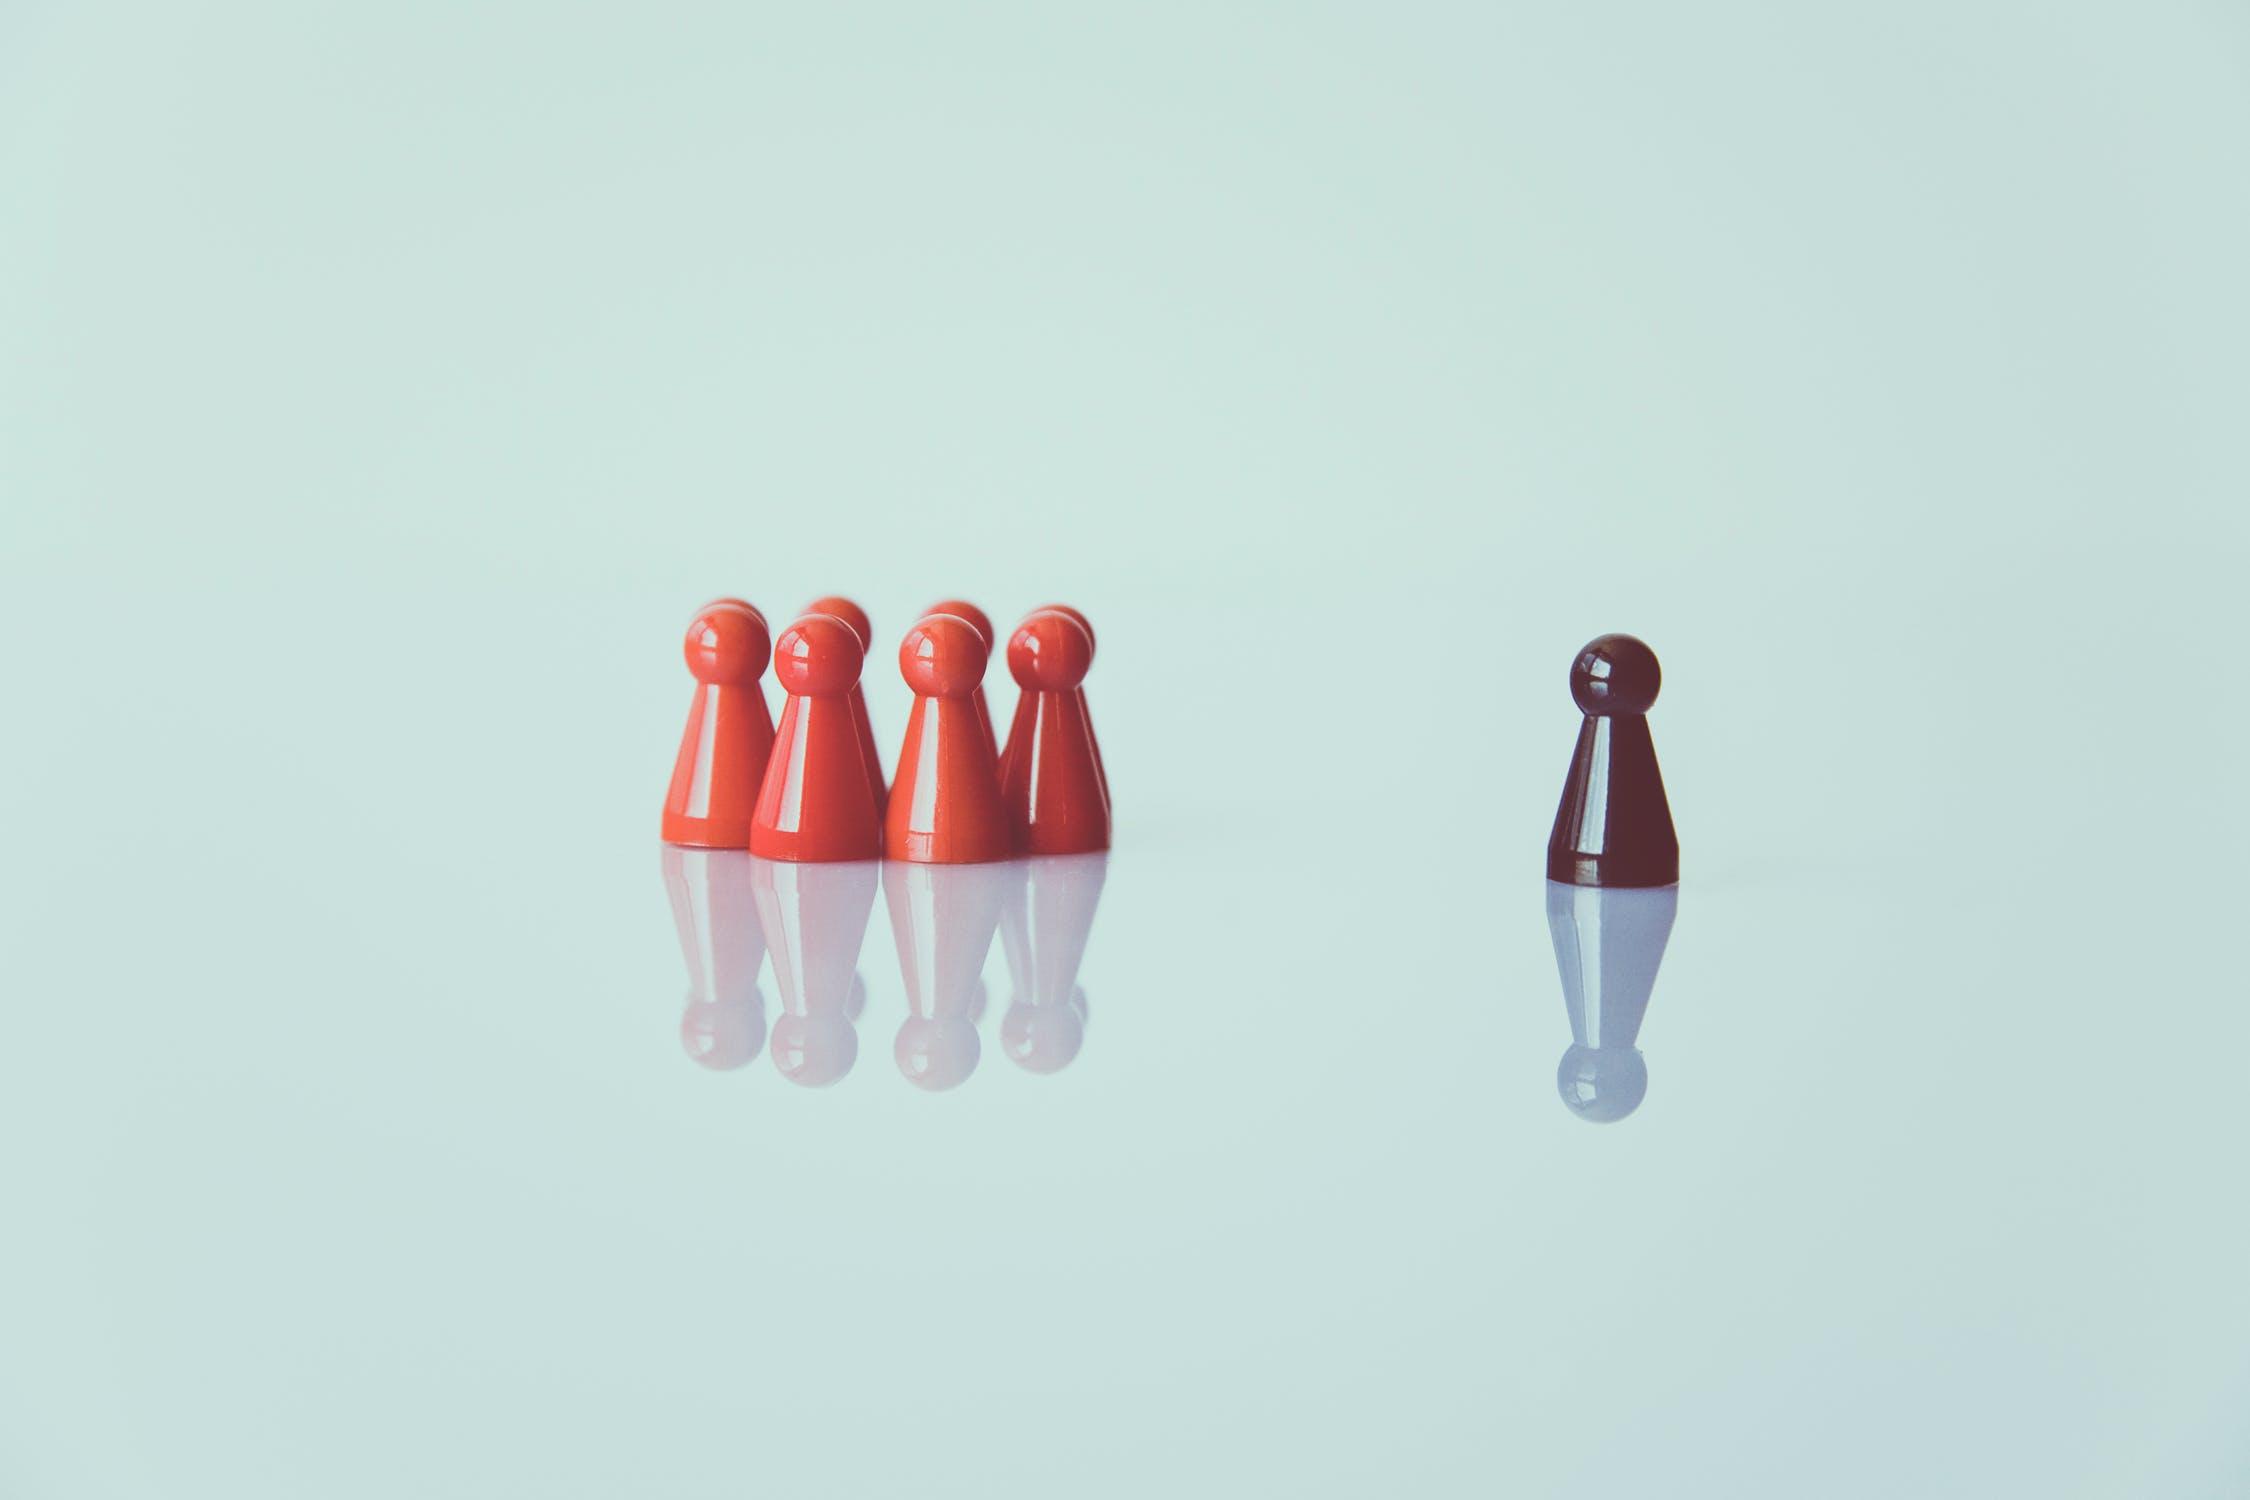 Sé-un-buen-líder-blog-articulos-biworking-coworking-bilbao-productividad